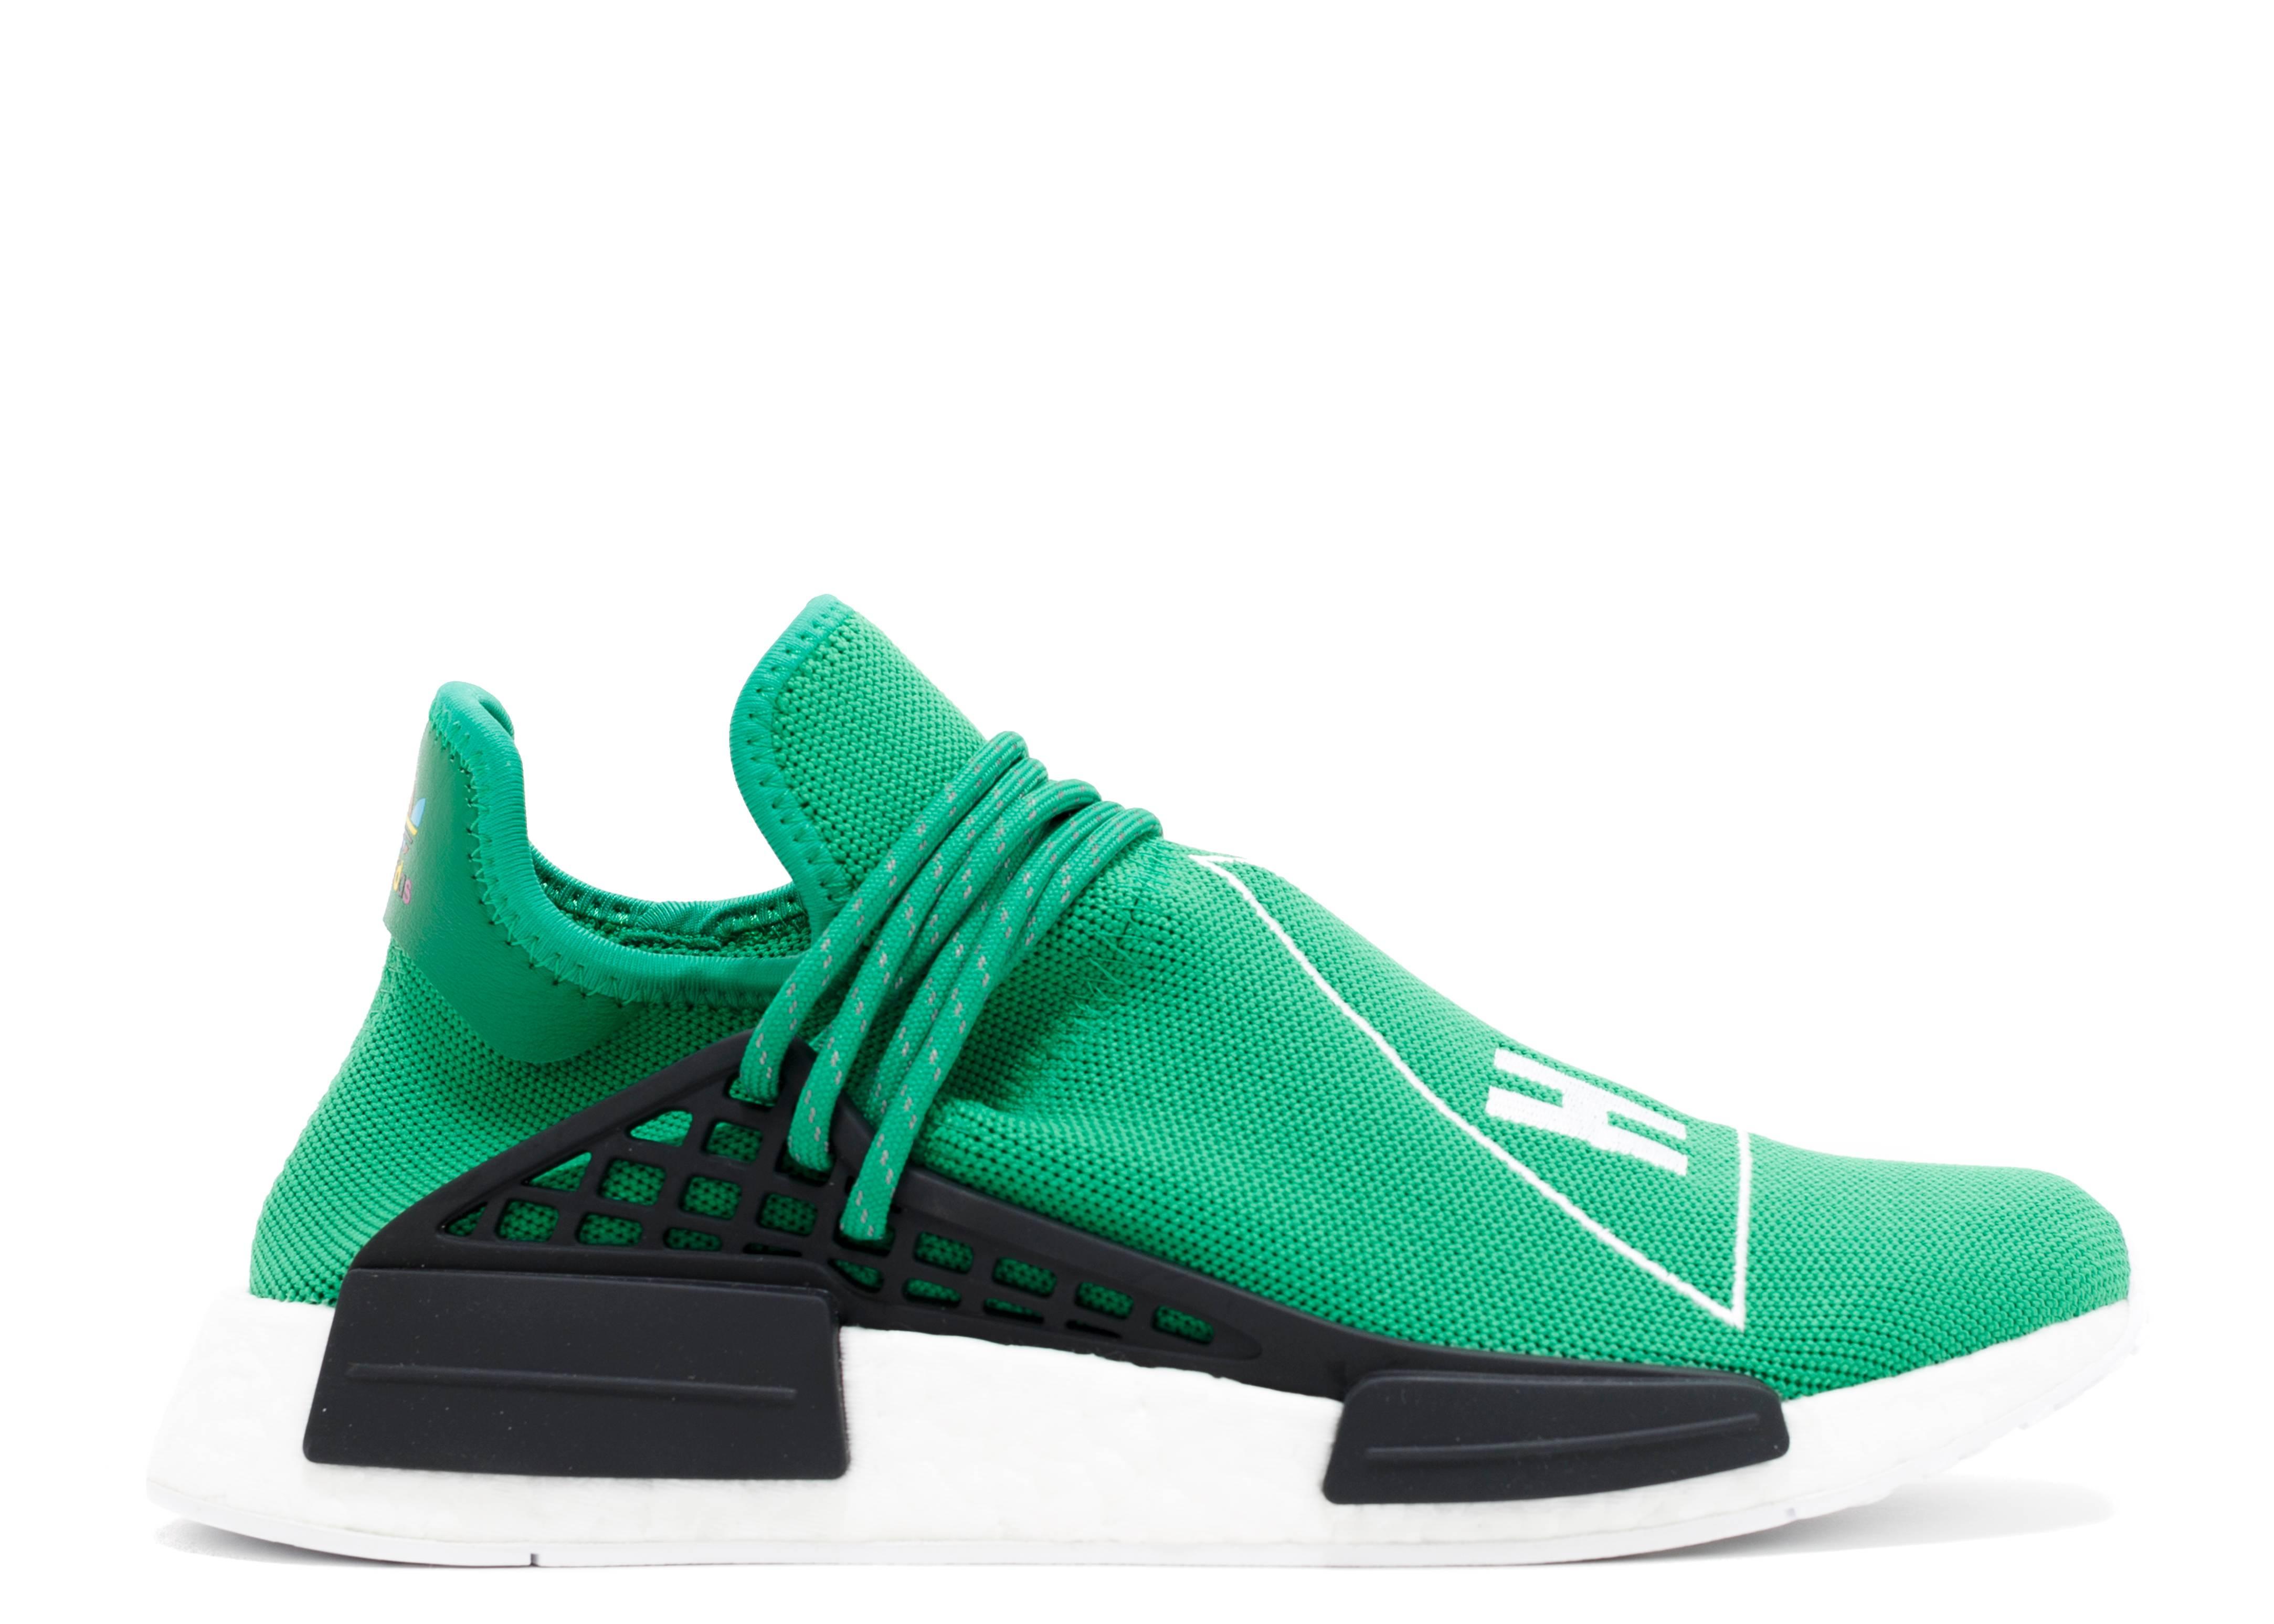 adidas. yeezy boost 350 \u0026quot;moonrock\u0026quot;. $1250+. pw human race nmd \u0026quot;pharrell\u0026quot;